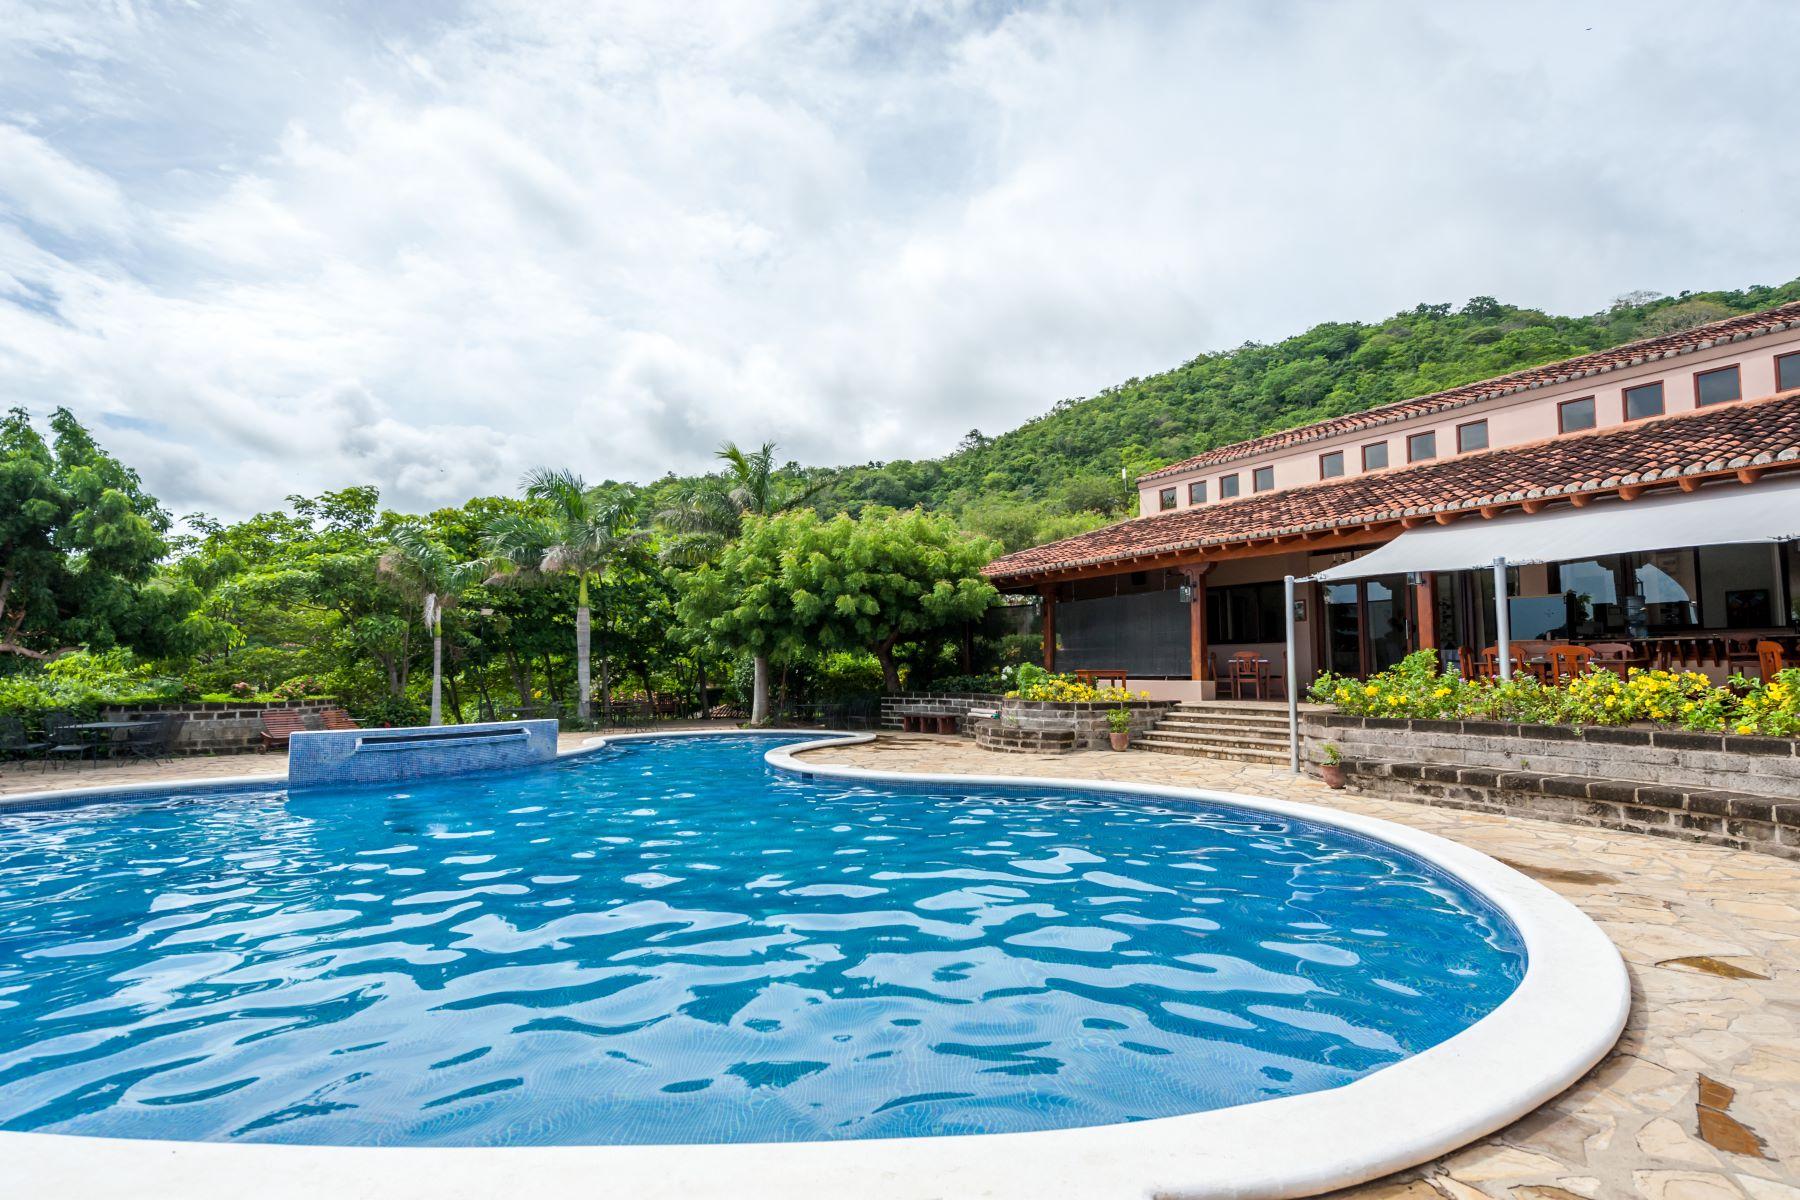 Maison unifamiliale pour l Vente à Two Bedroom Villas at an Incredible Value San Juan Del Sur, Rivas, Nicaragua